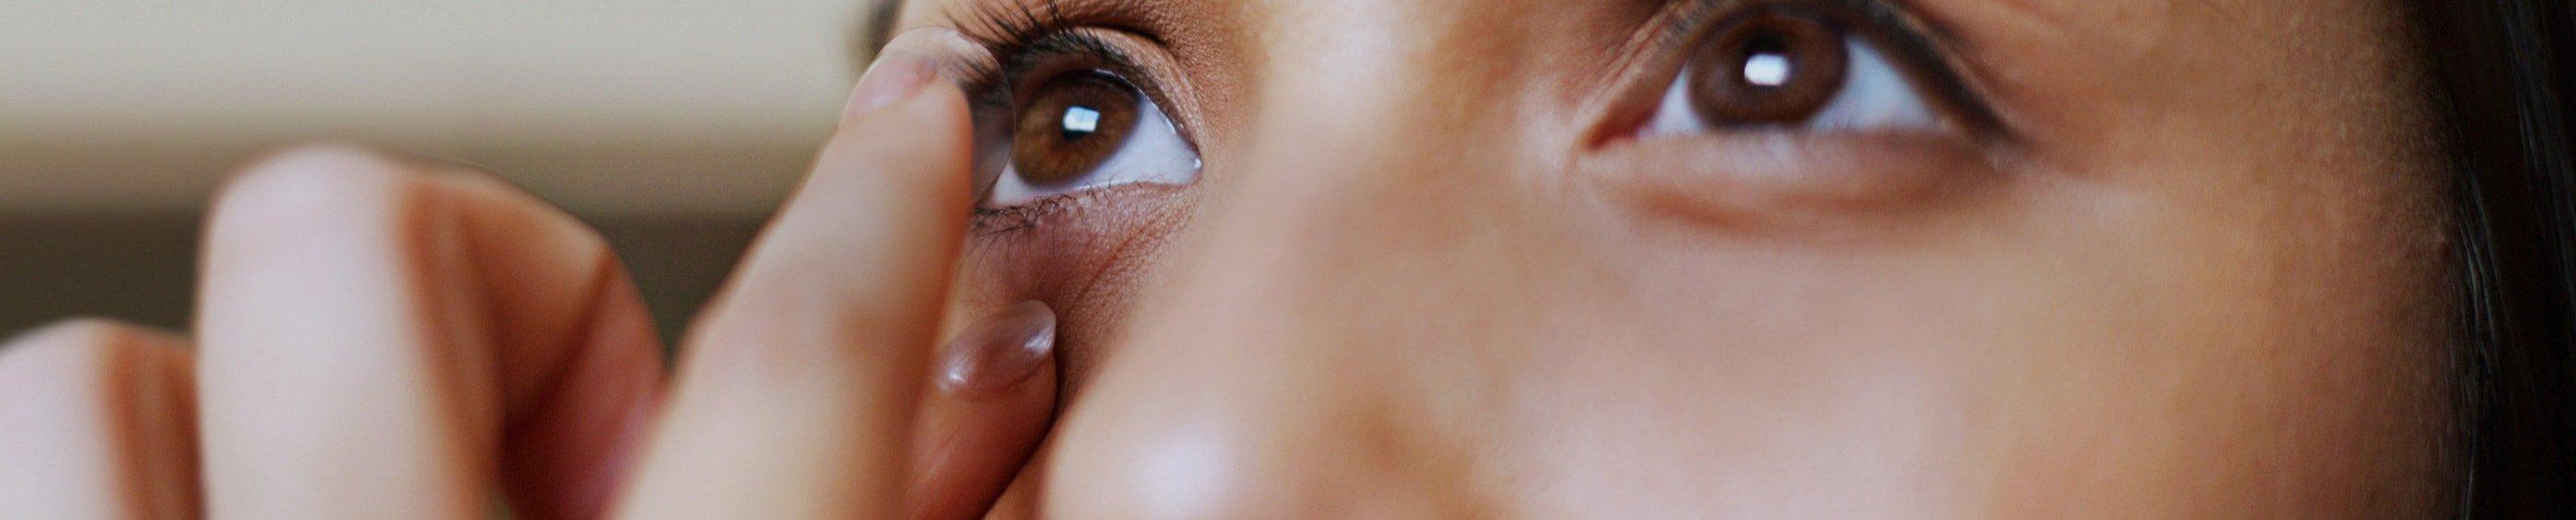 Une vue rapprochée d'une jeune femme qui regarde dans un miroir pendant qu'elle insère ses lentilles dans les yeux